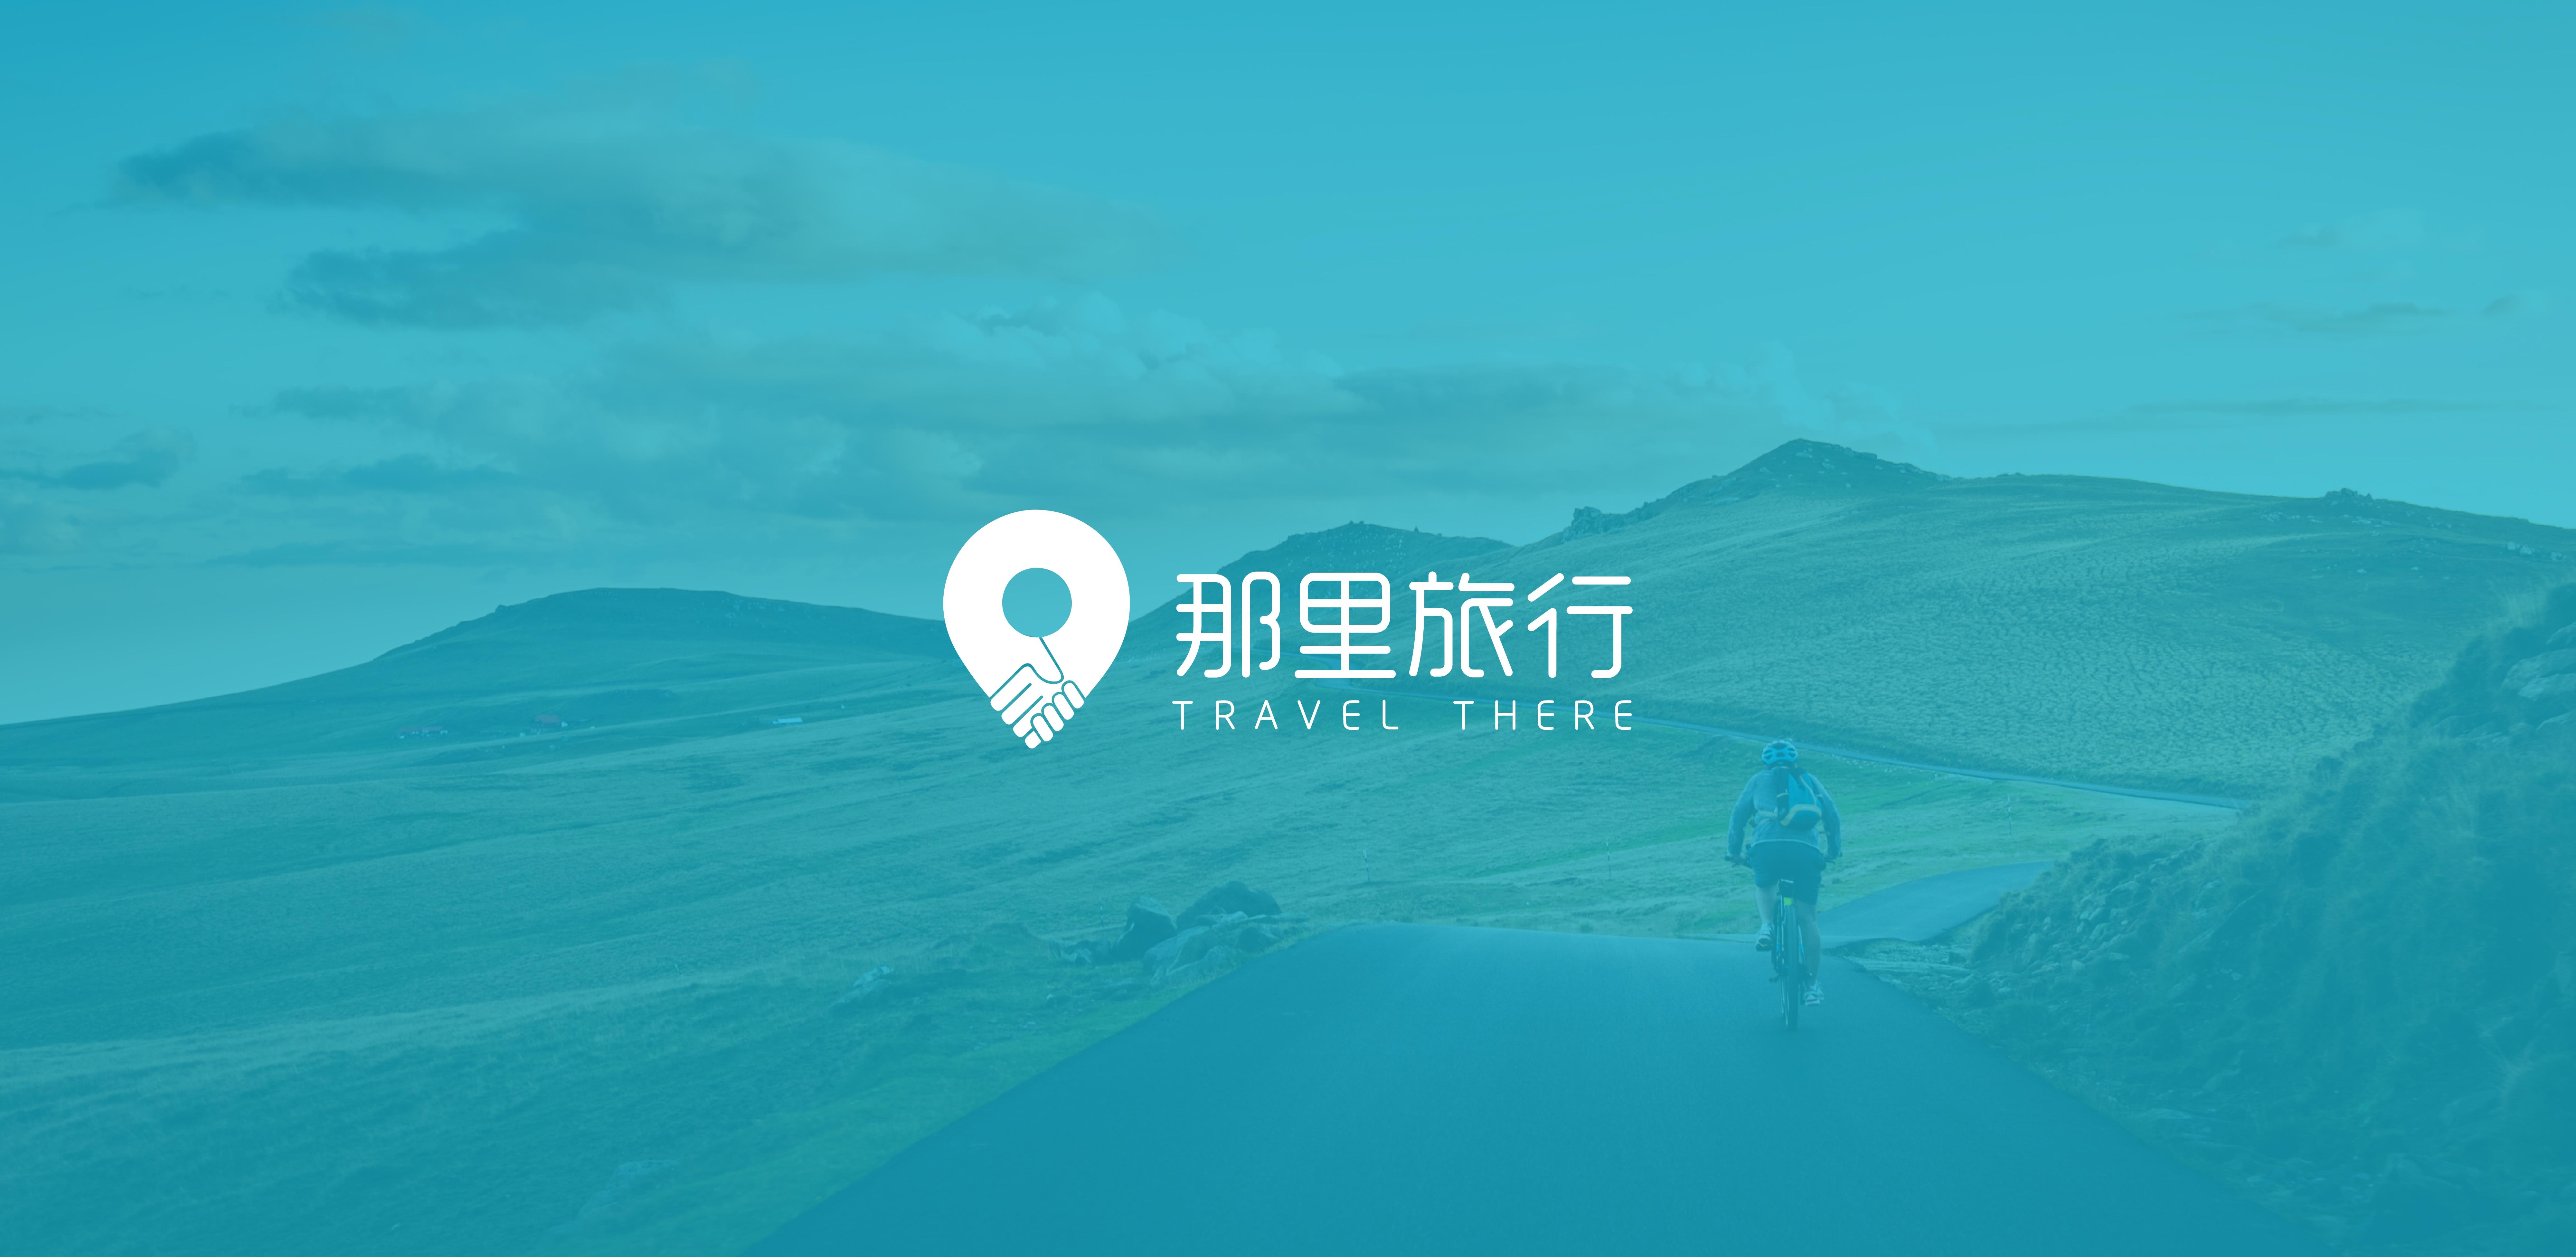 那里旅行logo設計